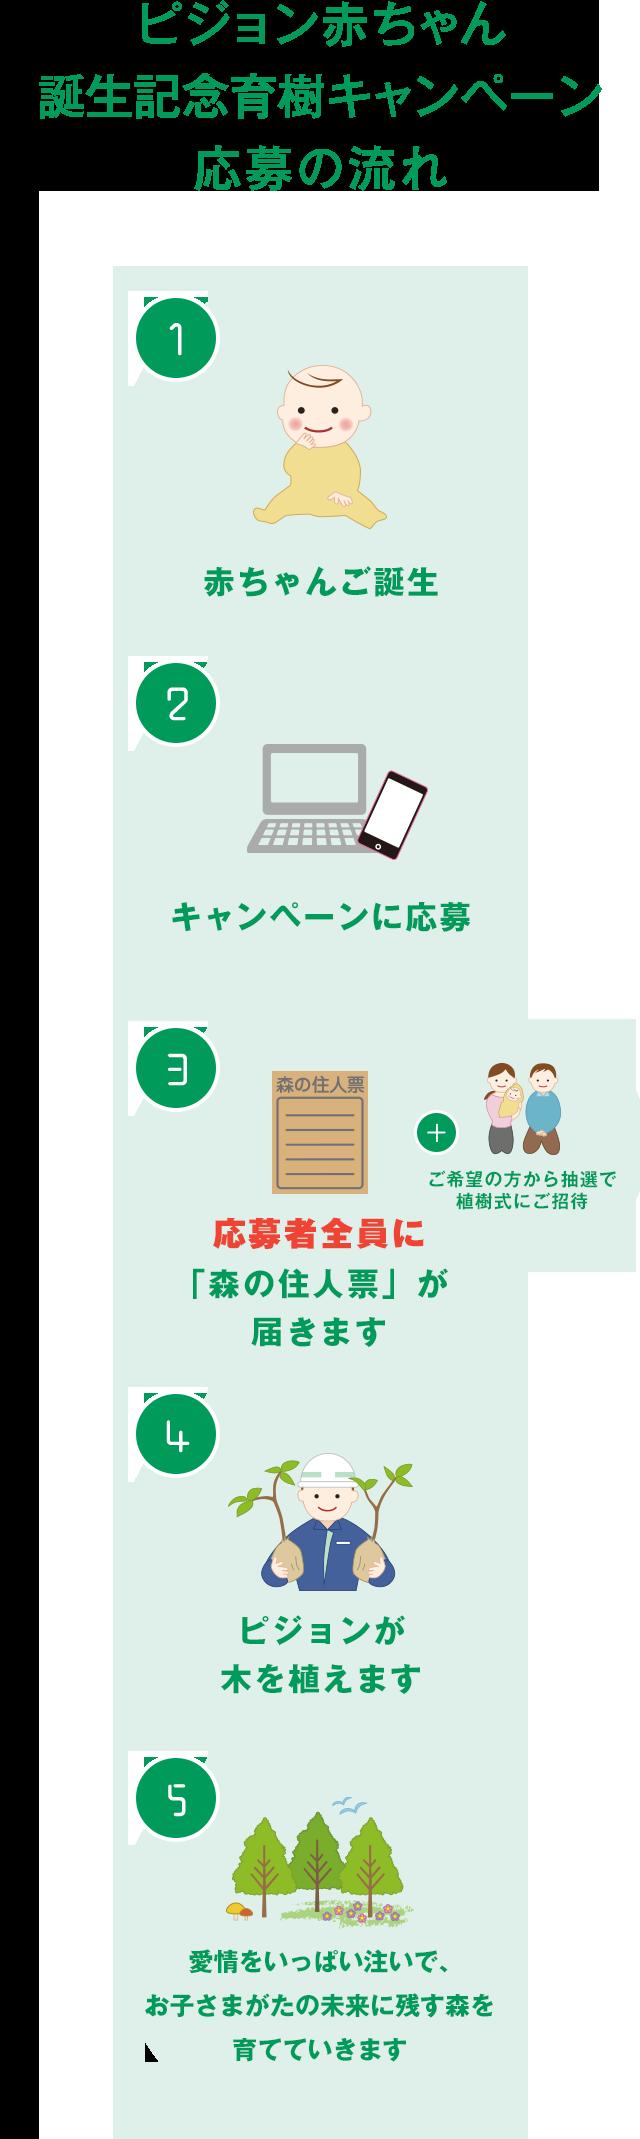 キャンペーン応募方法 | CSR活動 | ピジョン株式会社